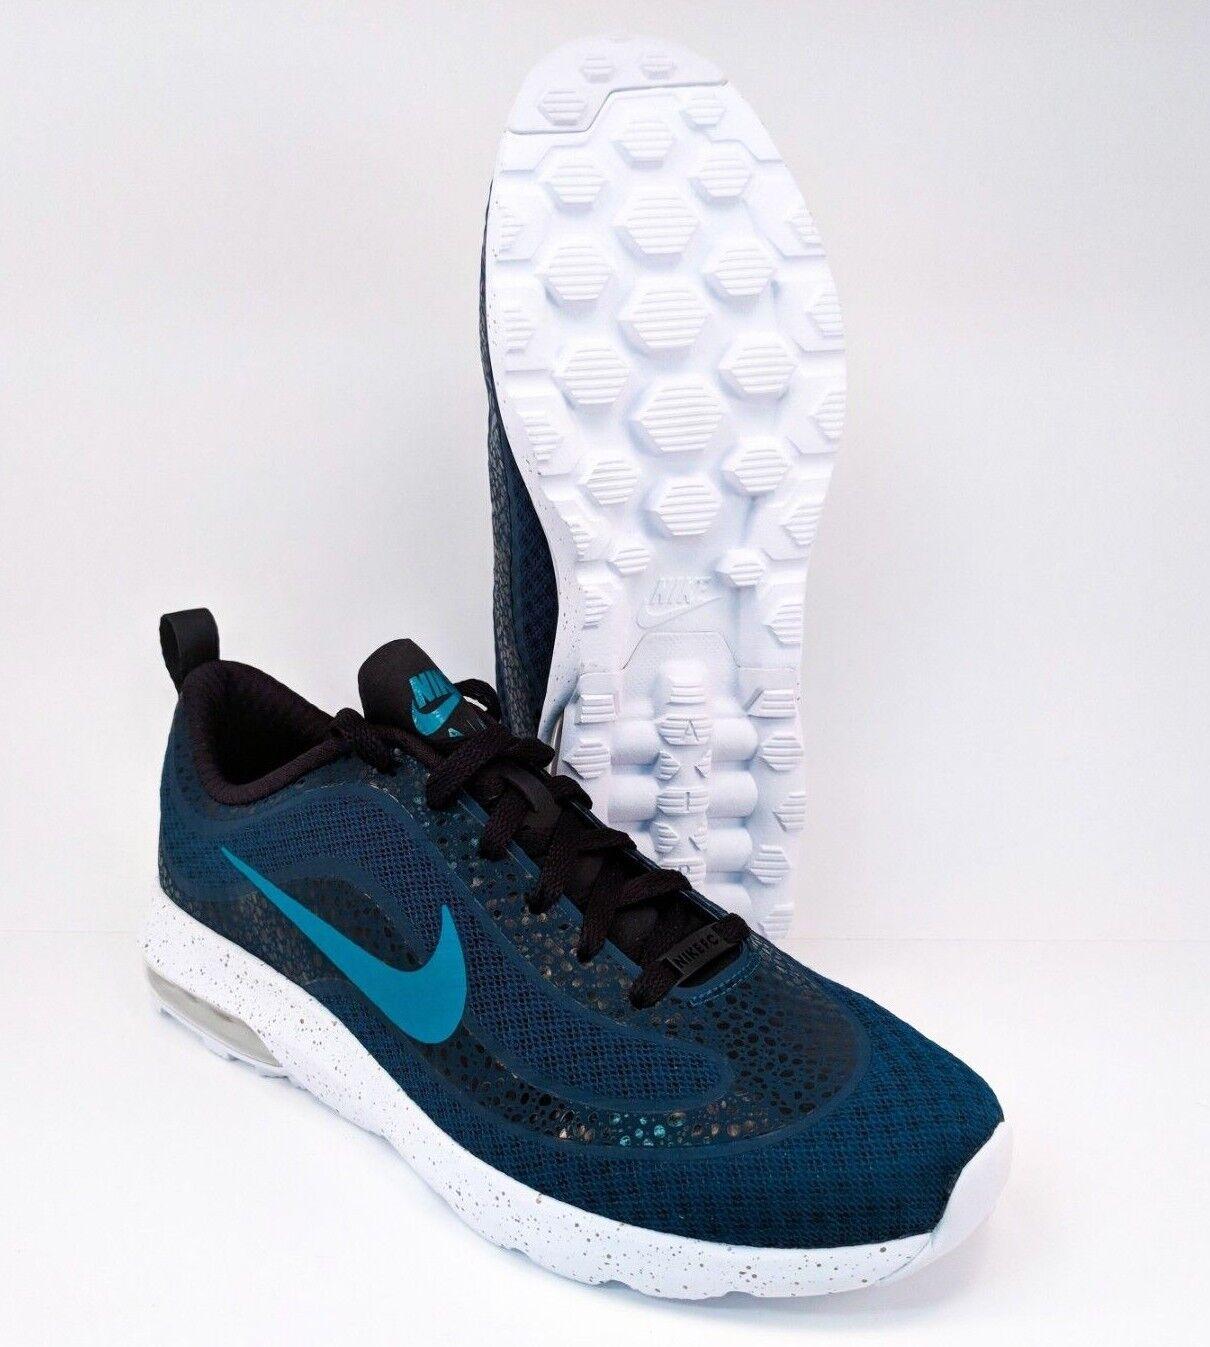 Nike air max volubile 98 e ronaldo Uomo taglia 10 priorità 832684-300 libera